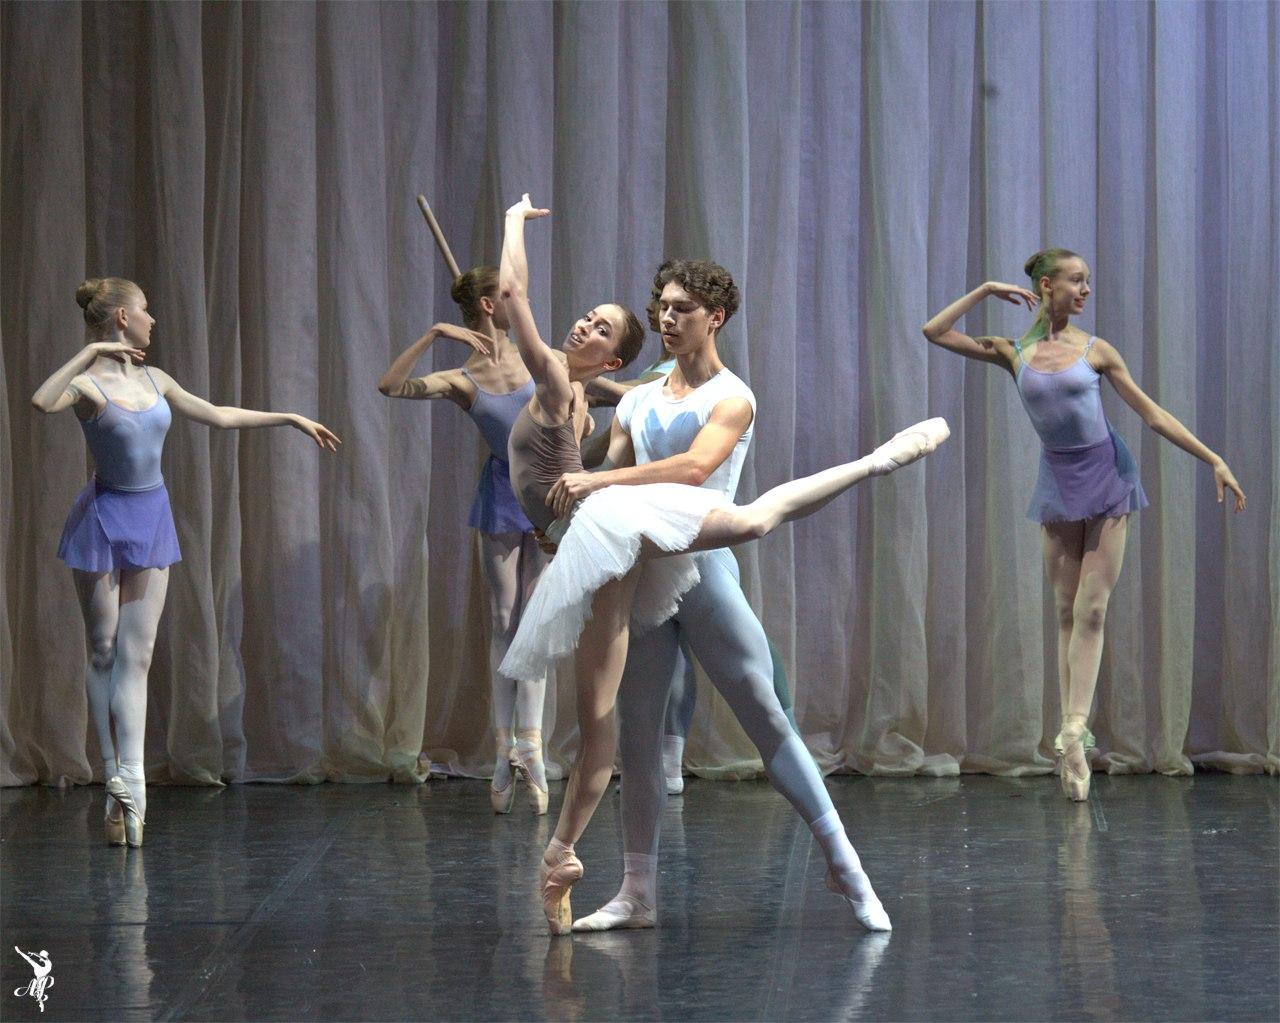 http://www.vaganovaacademy.ru/vaganova/news/photo/2017.05.11_Hermitage_theatre/Lavrovsky-4.jpg